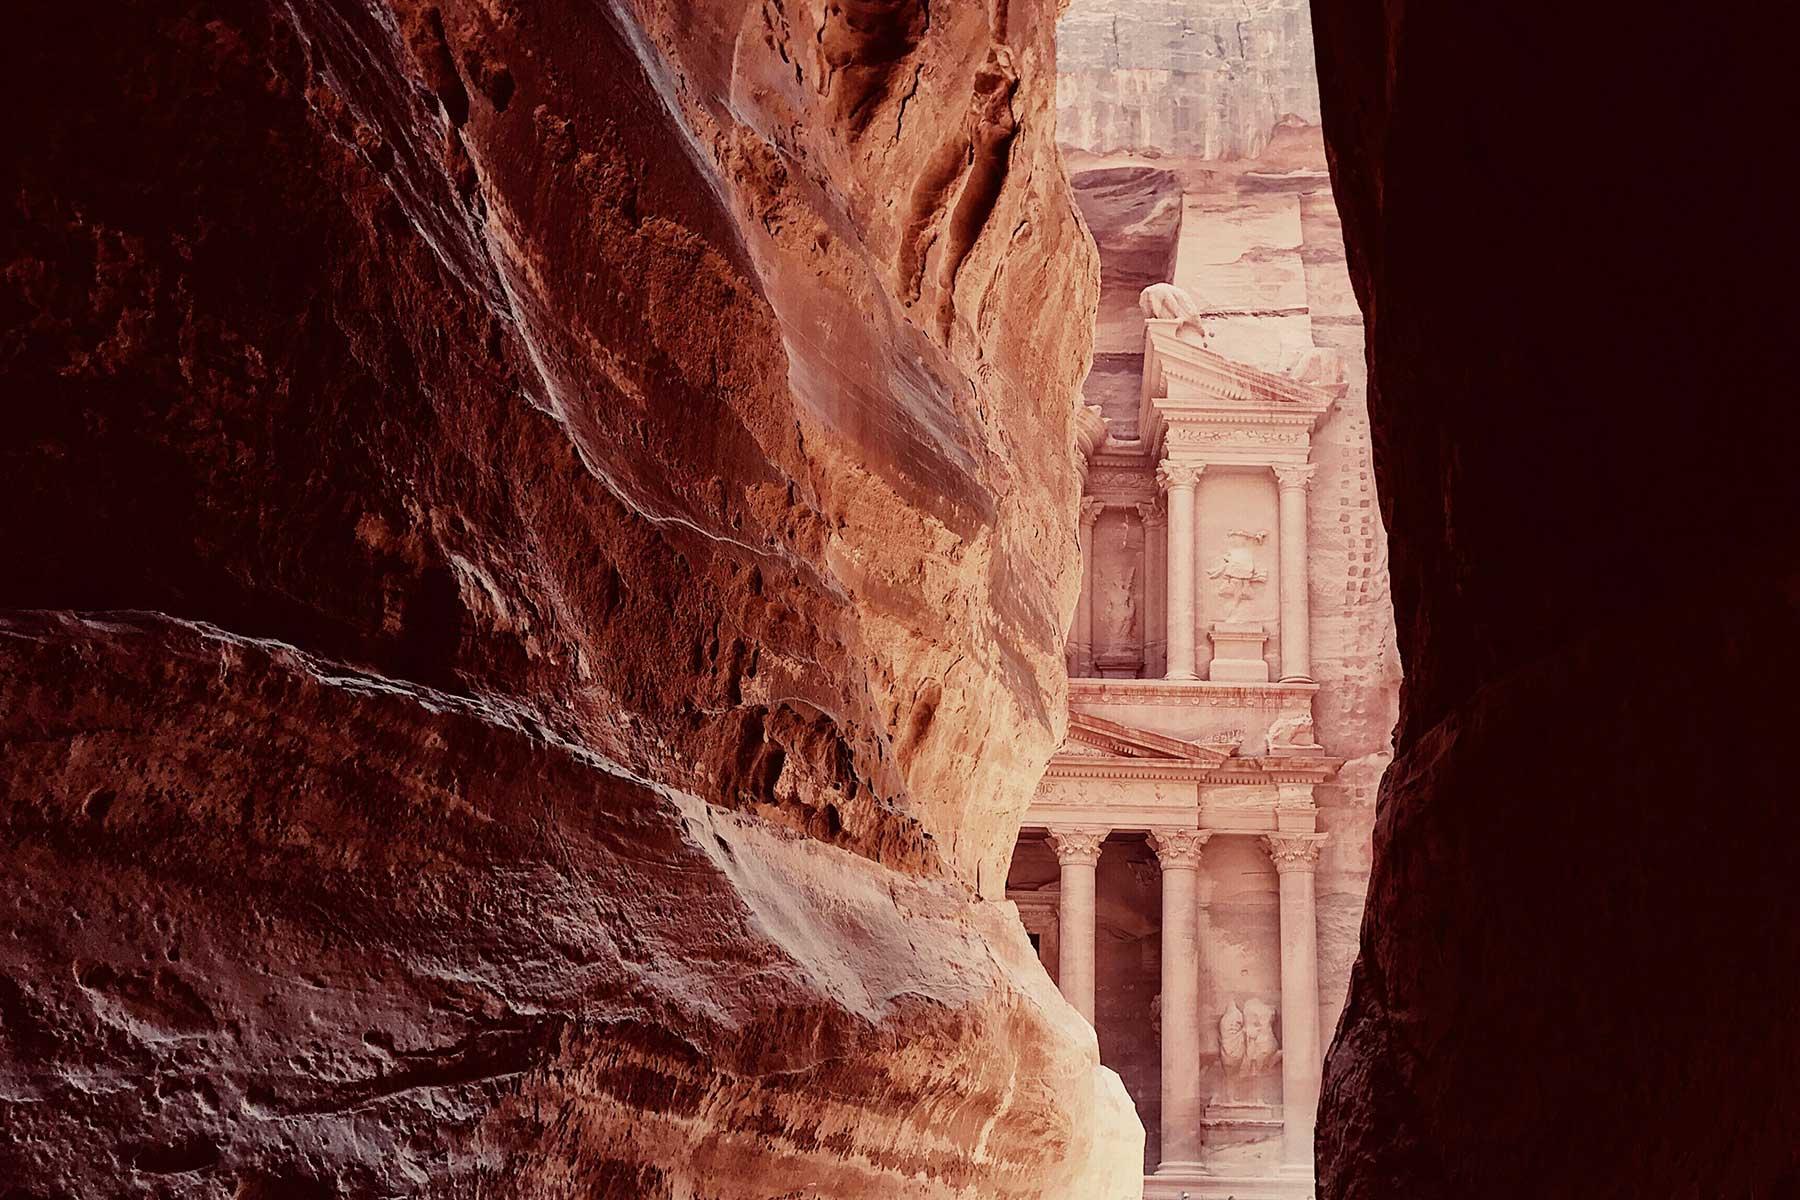 Resor-till-Jordanien-med-Nygren-&-Lind-Resebyrå---Petra-fasad